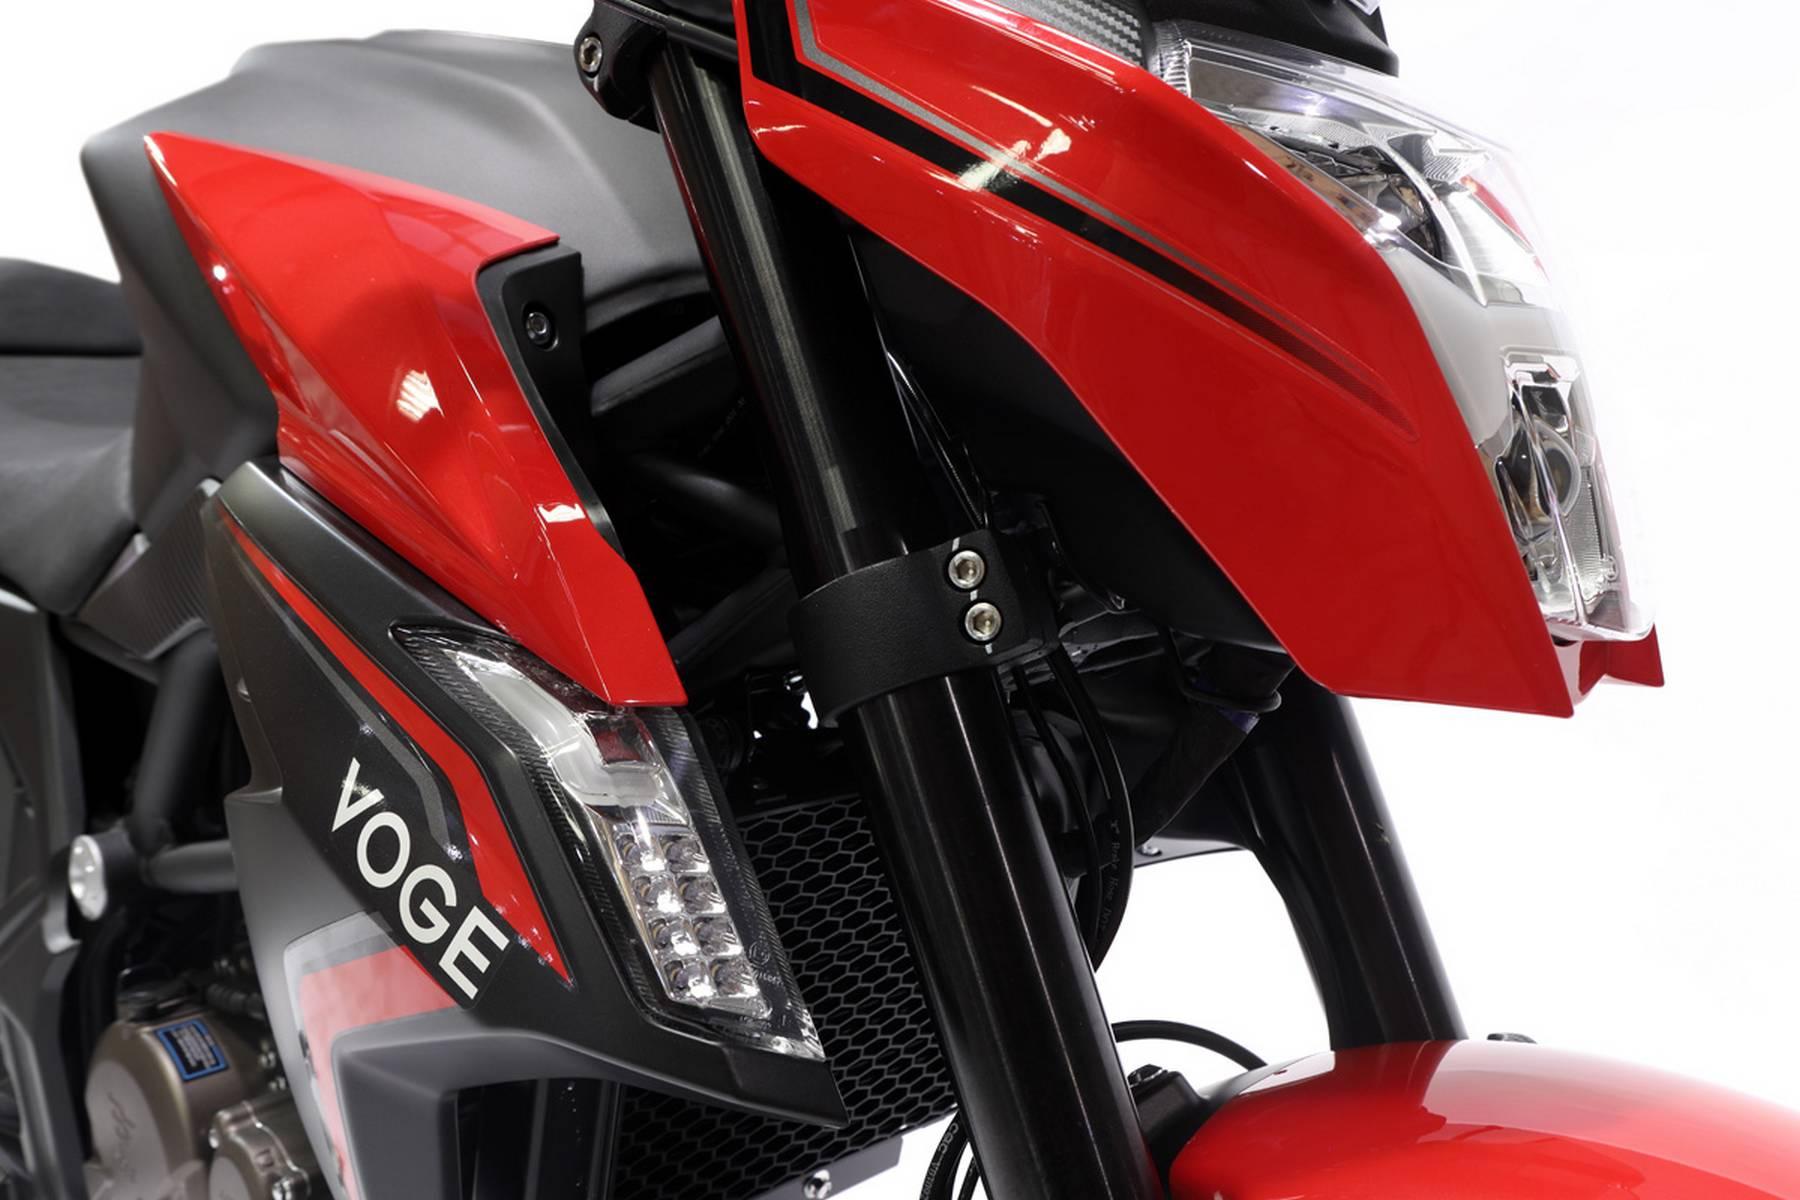 VOGE-300R-DET-2